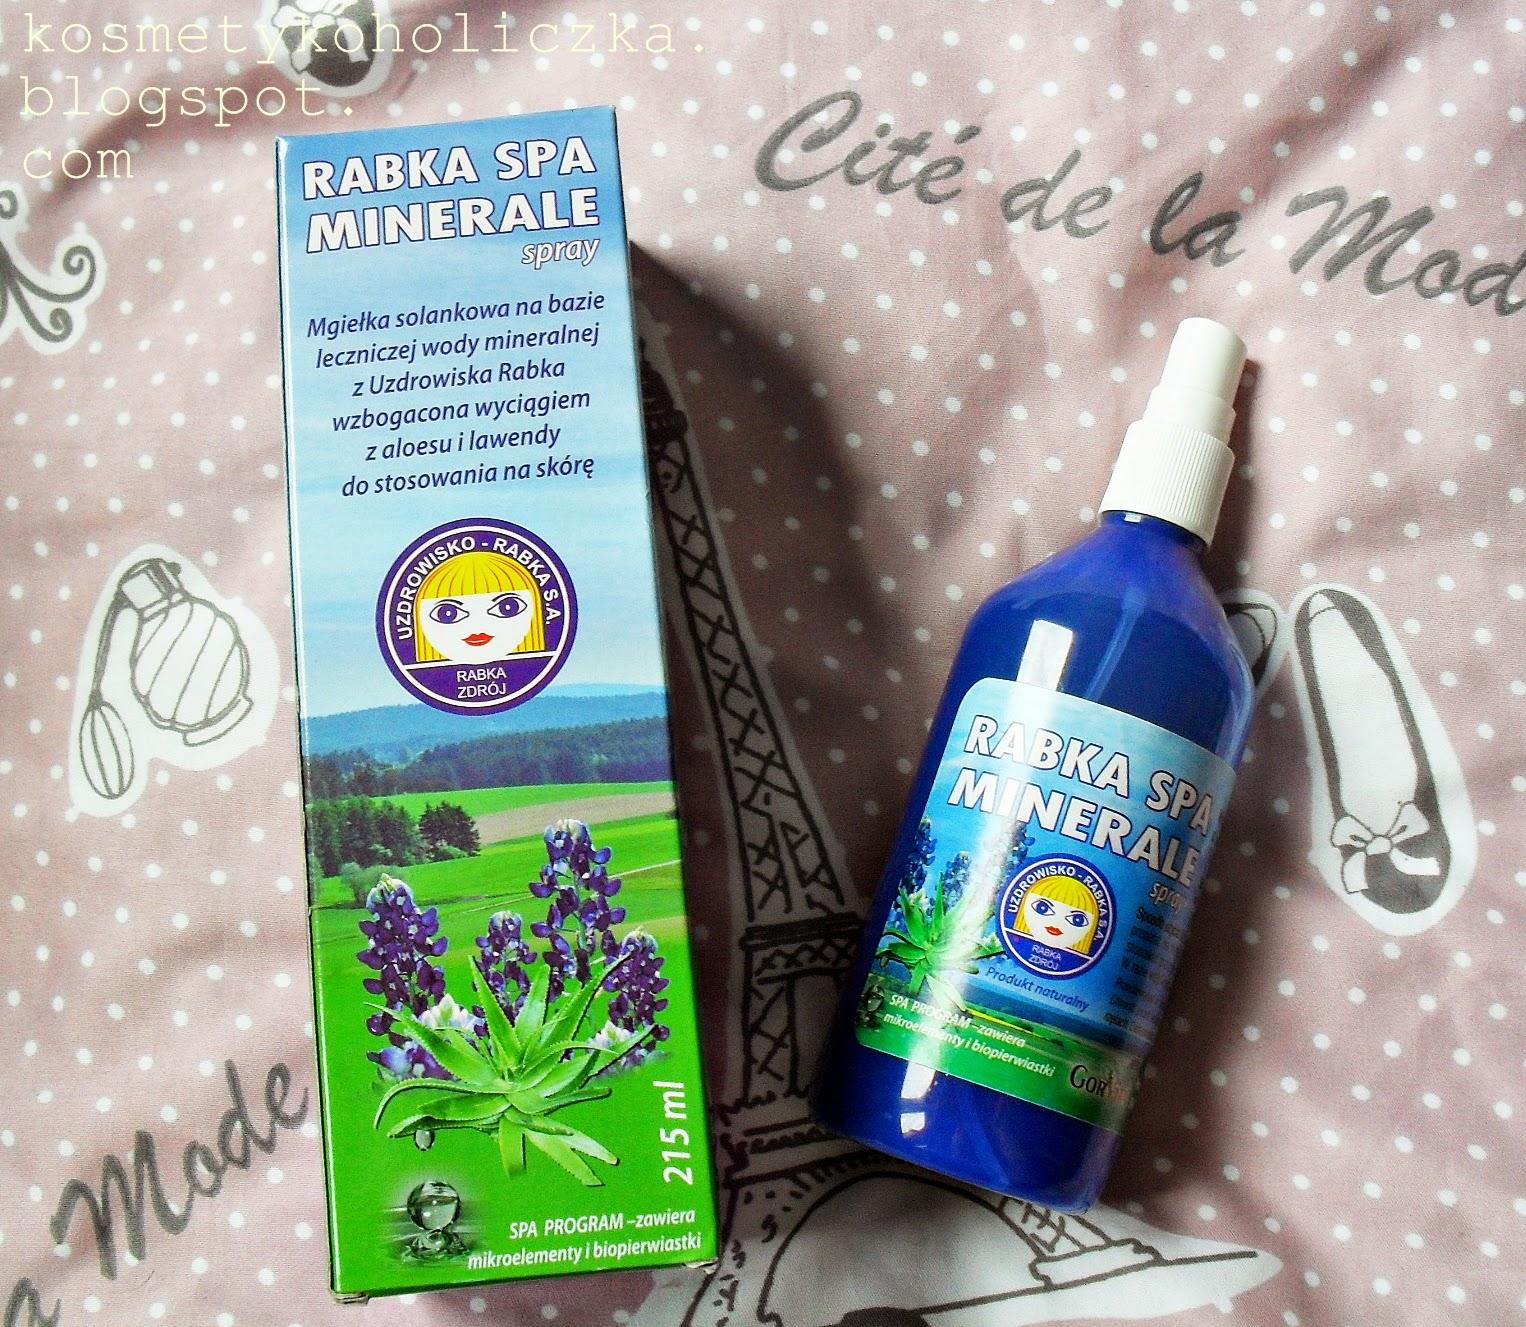 Rabka Spa Minerale Spray